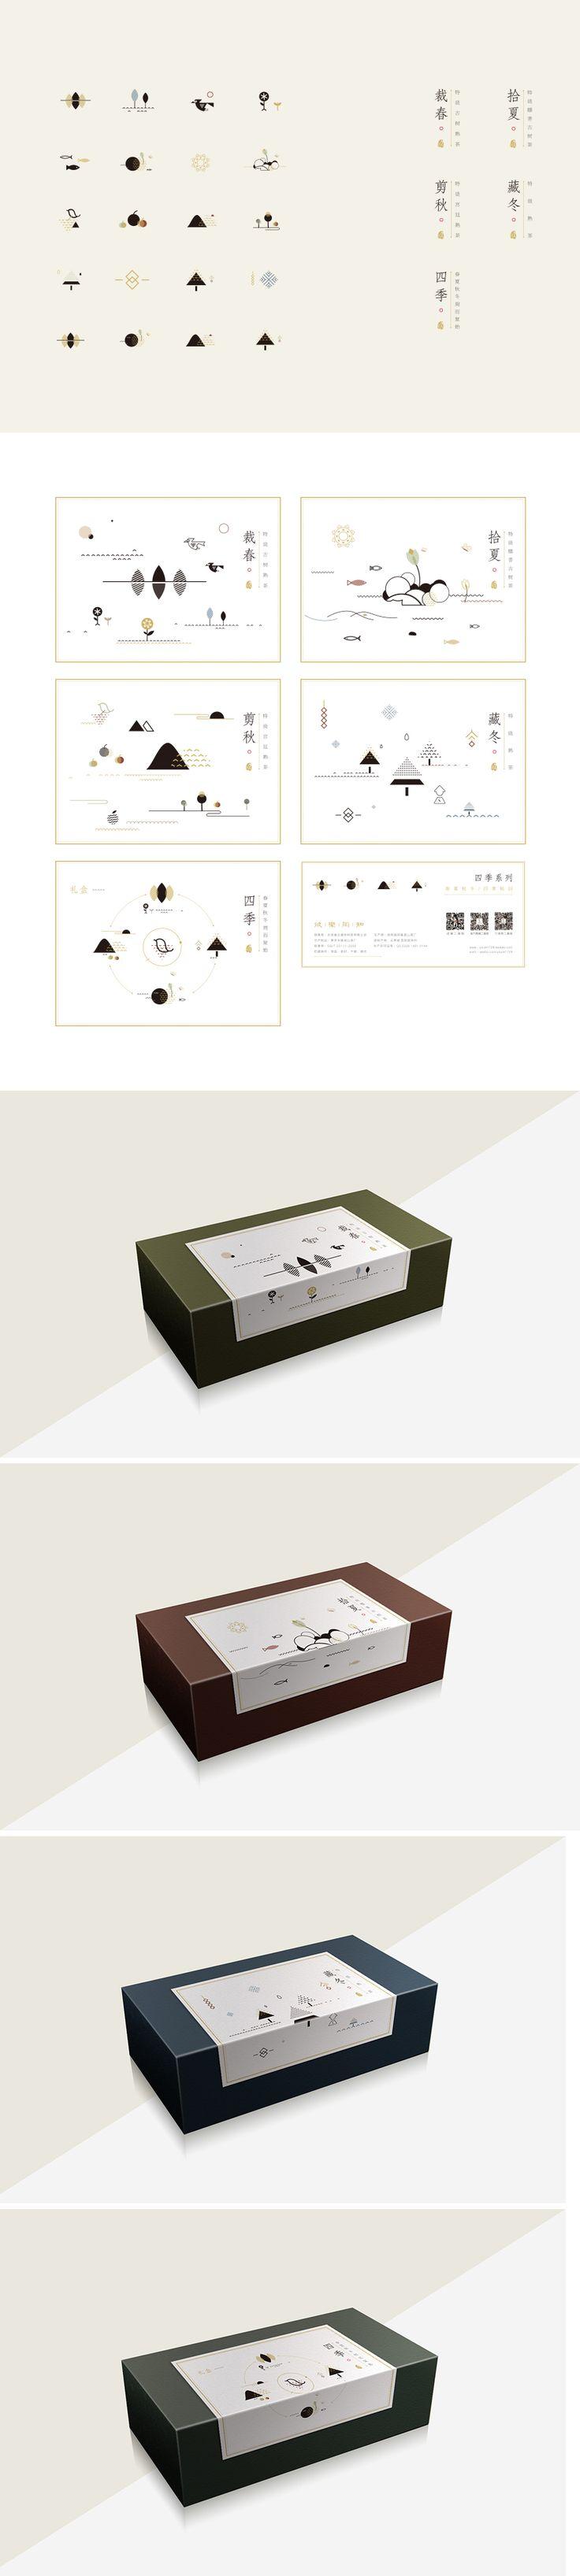 - 谷 龙 - 一组茶品牌视觉 -